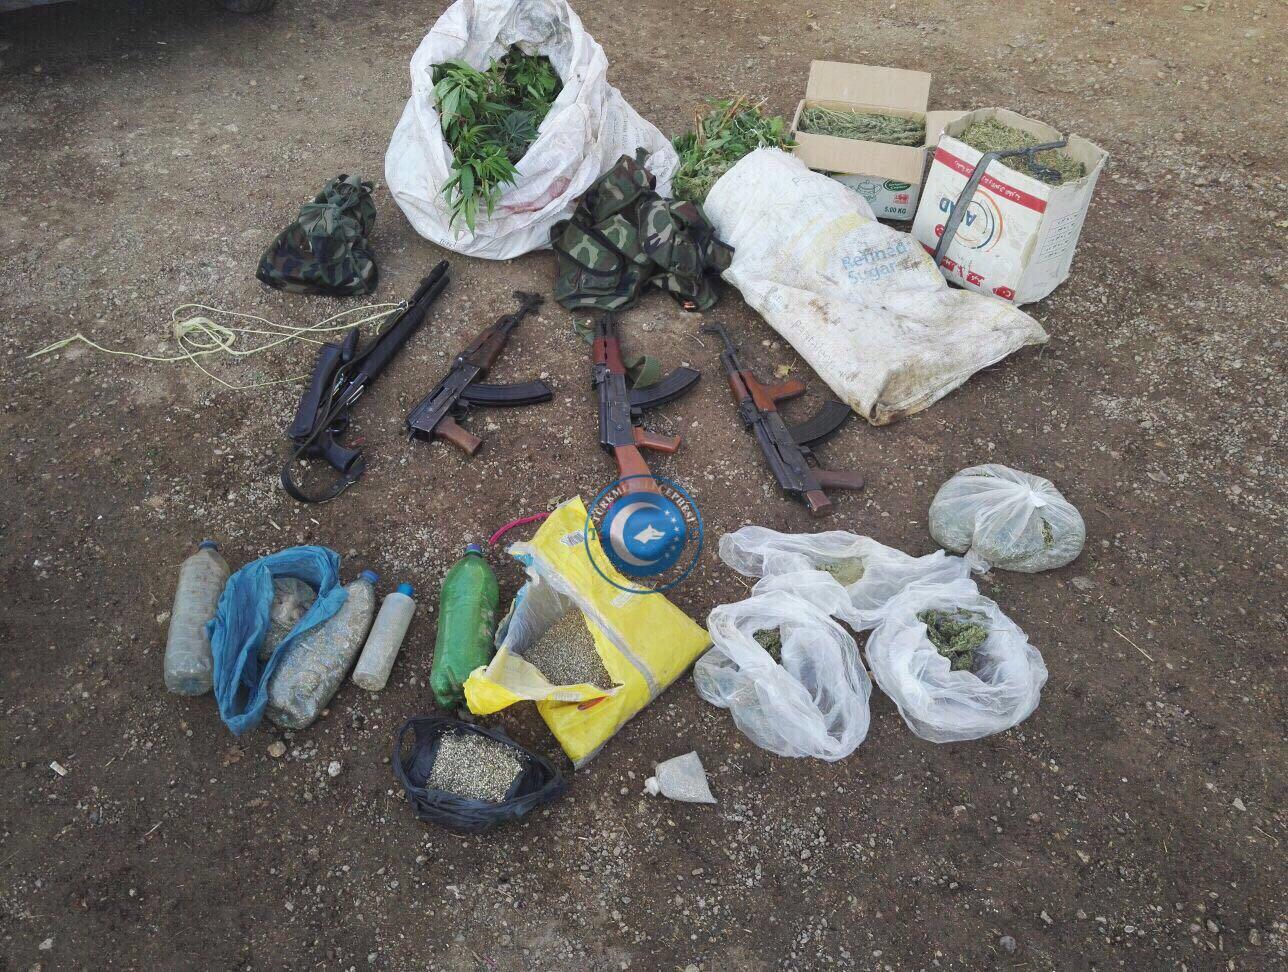 Türk Polisinden Suriye'de Uyuşturucu ve Silah Operasyonu